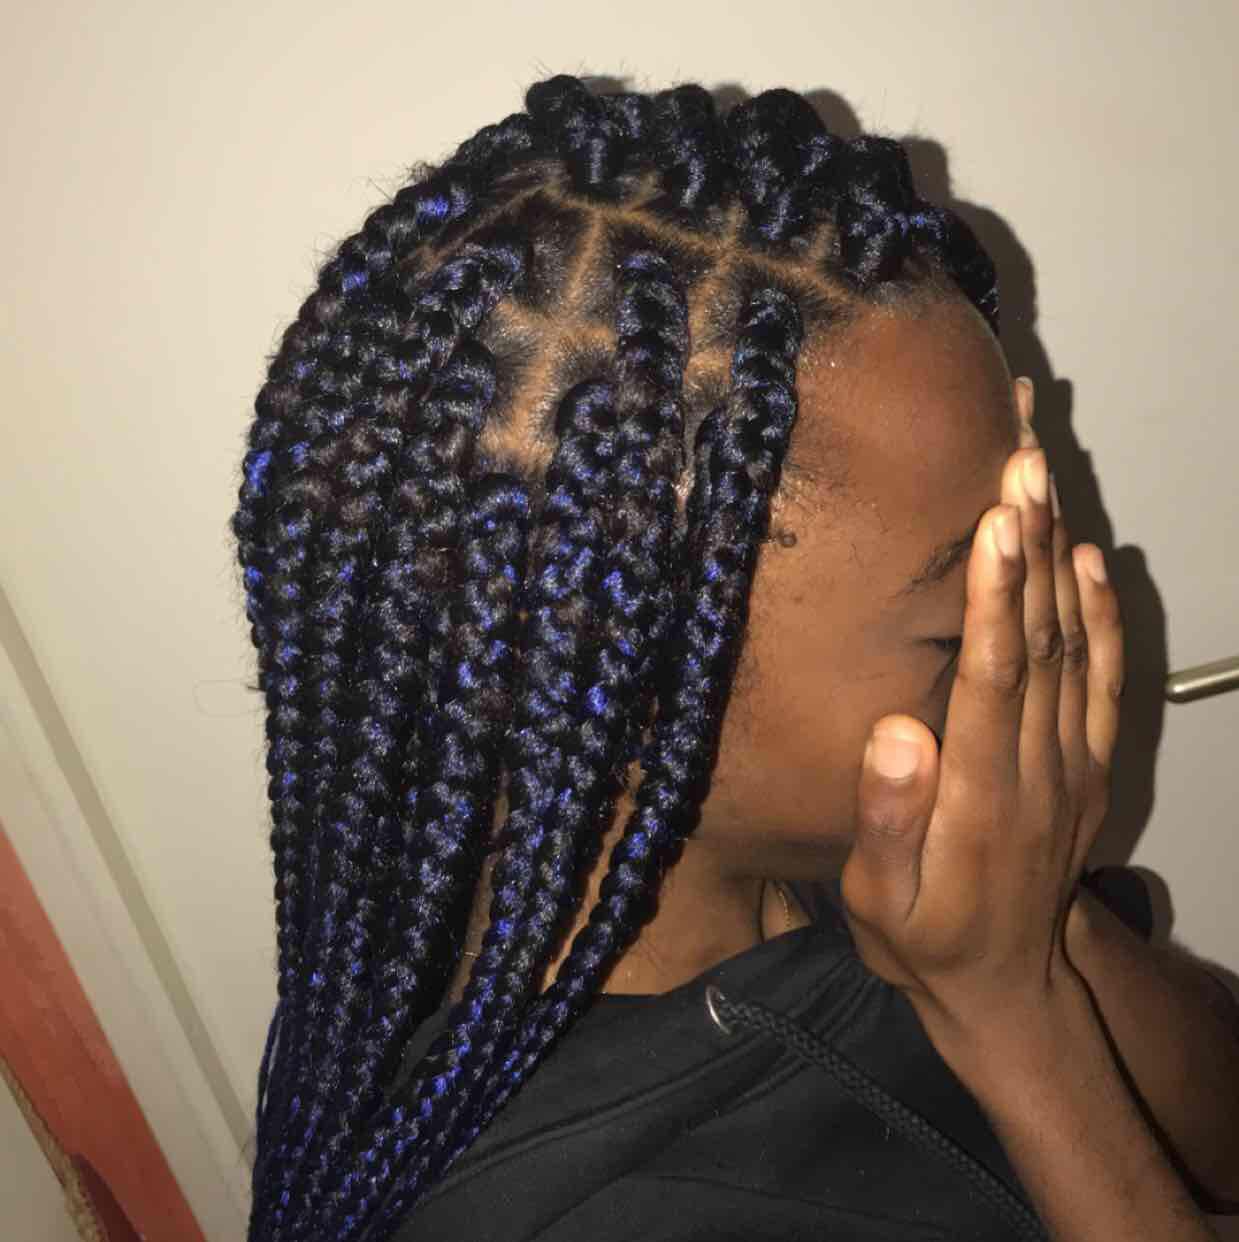 salon de coiffure afro tresse tresses box braids crochet braids vanilles tissages paris 75 77 78 91 92 93 94 95 NLDOSNMH